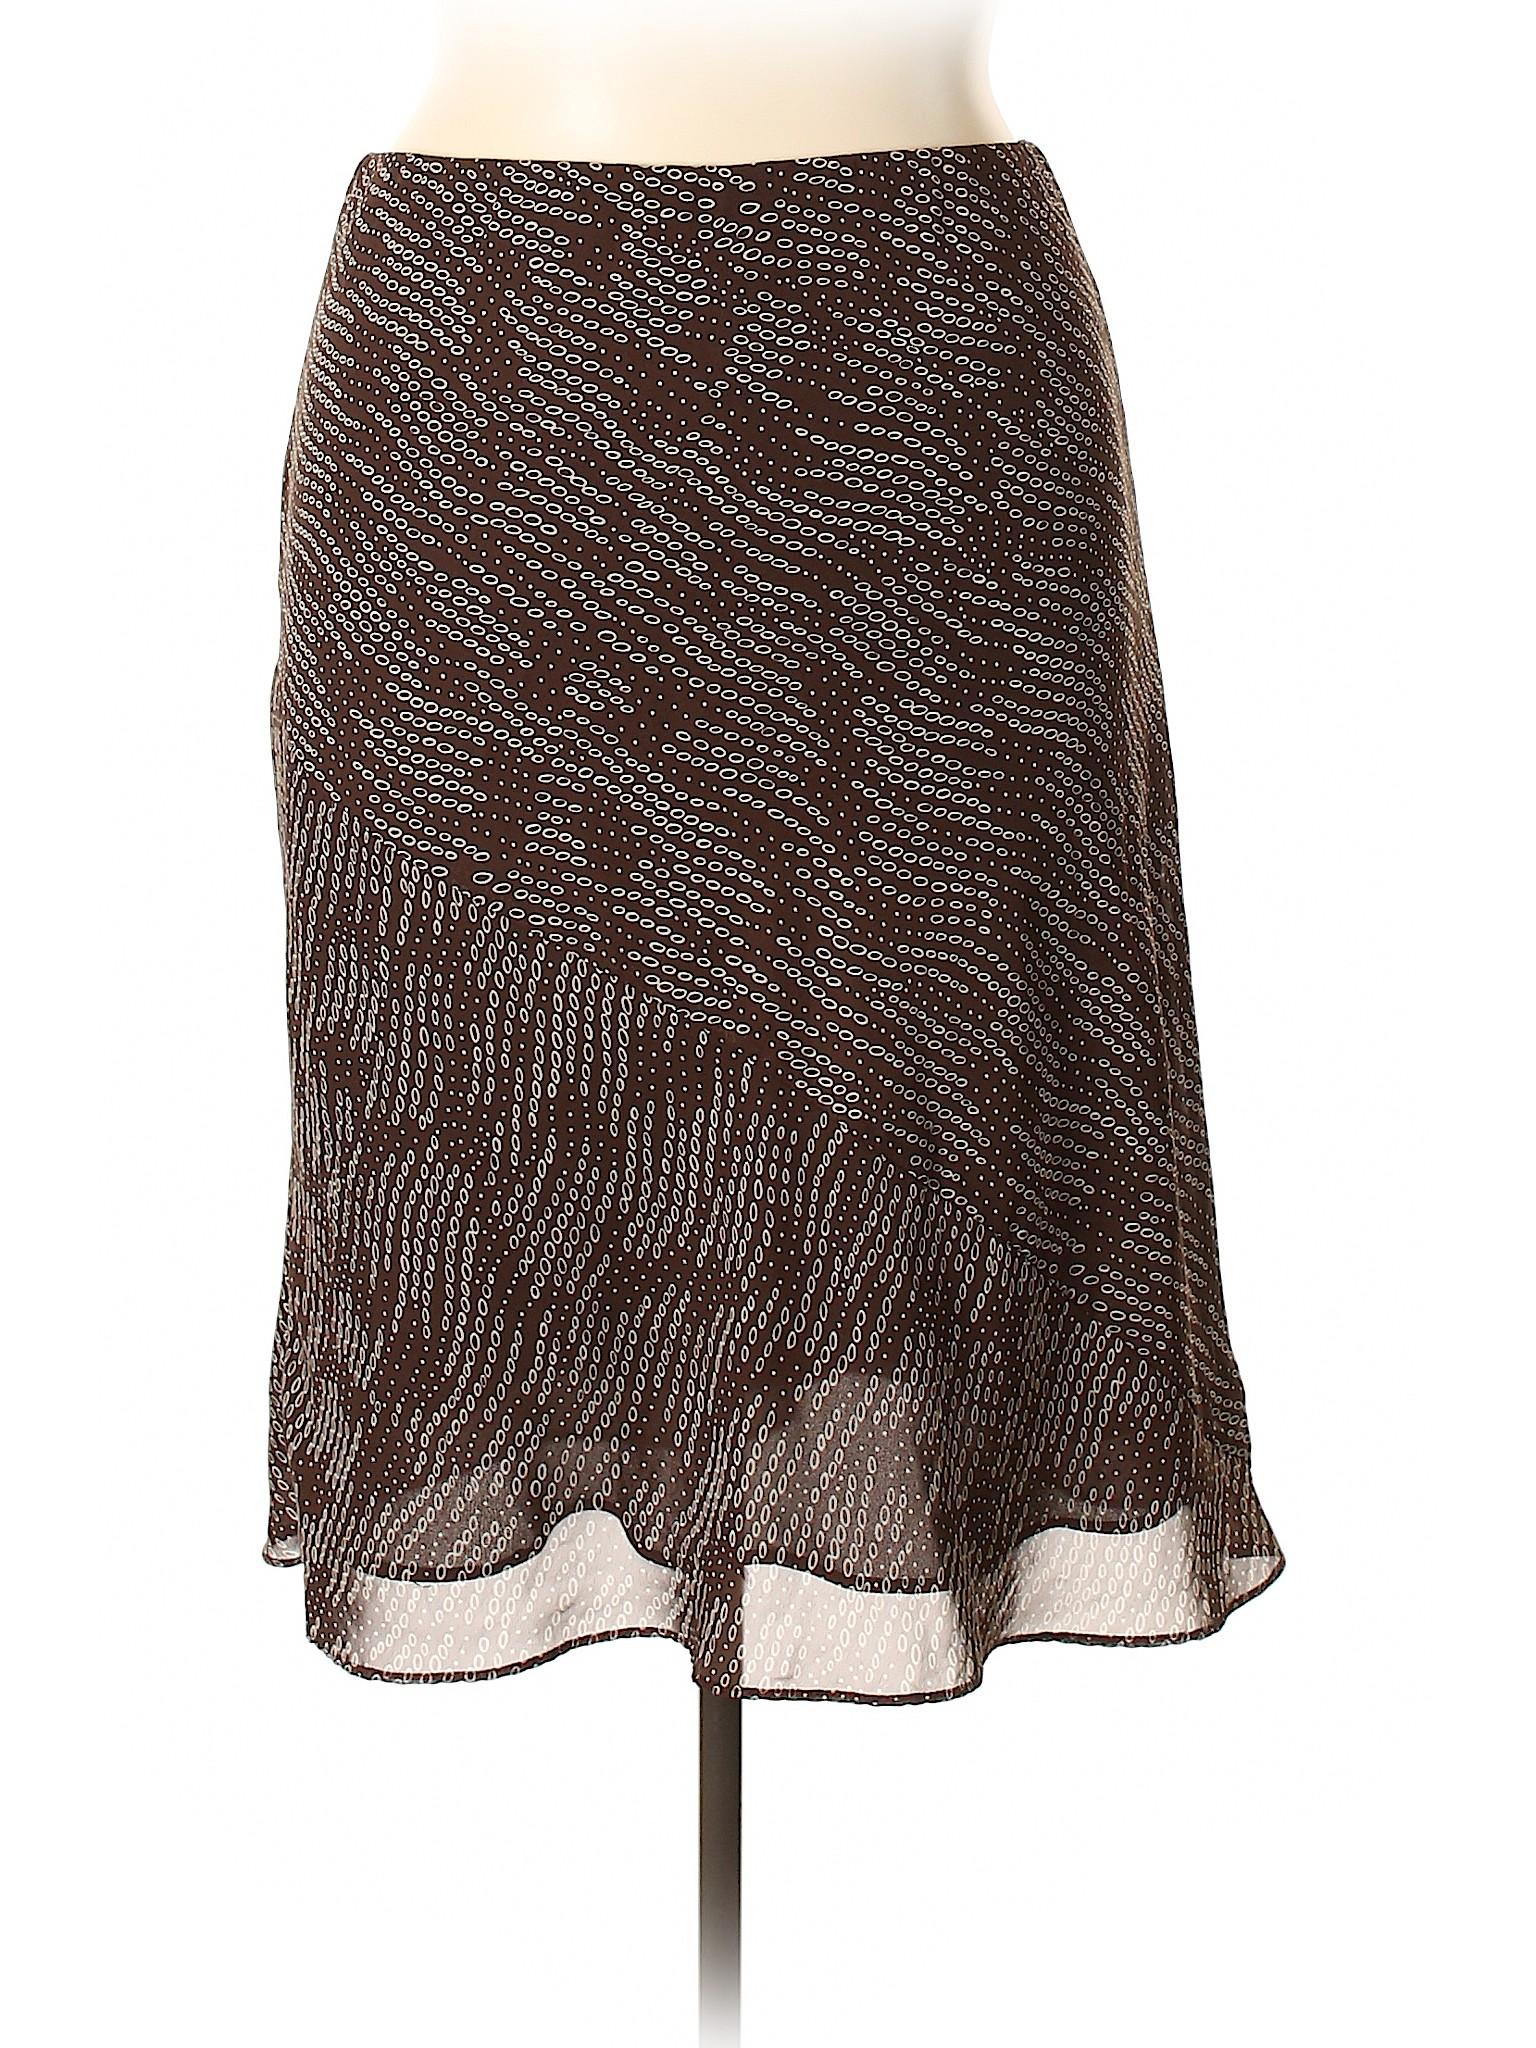 Skirt Boutique George Boutique Boutique Boutique George Casual Casual George Casual Skirt Skirt Hx5wAOOq